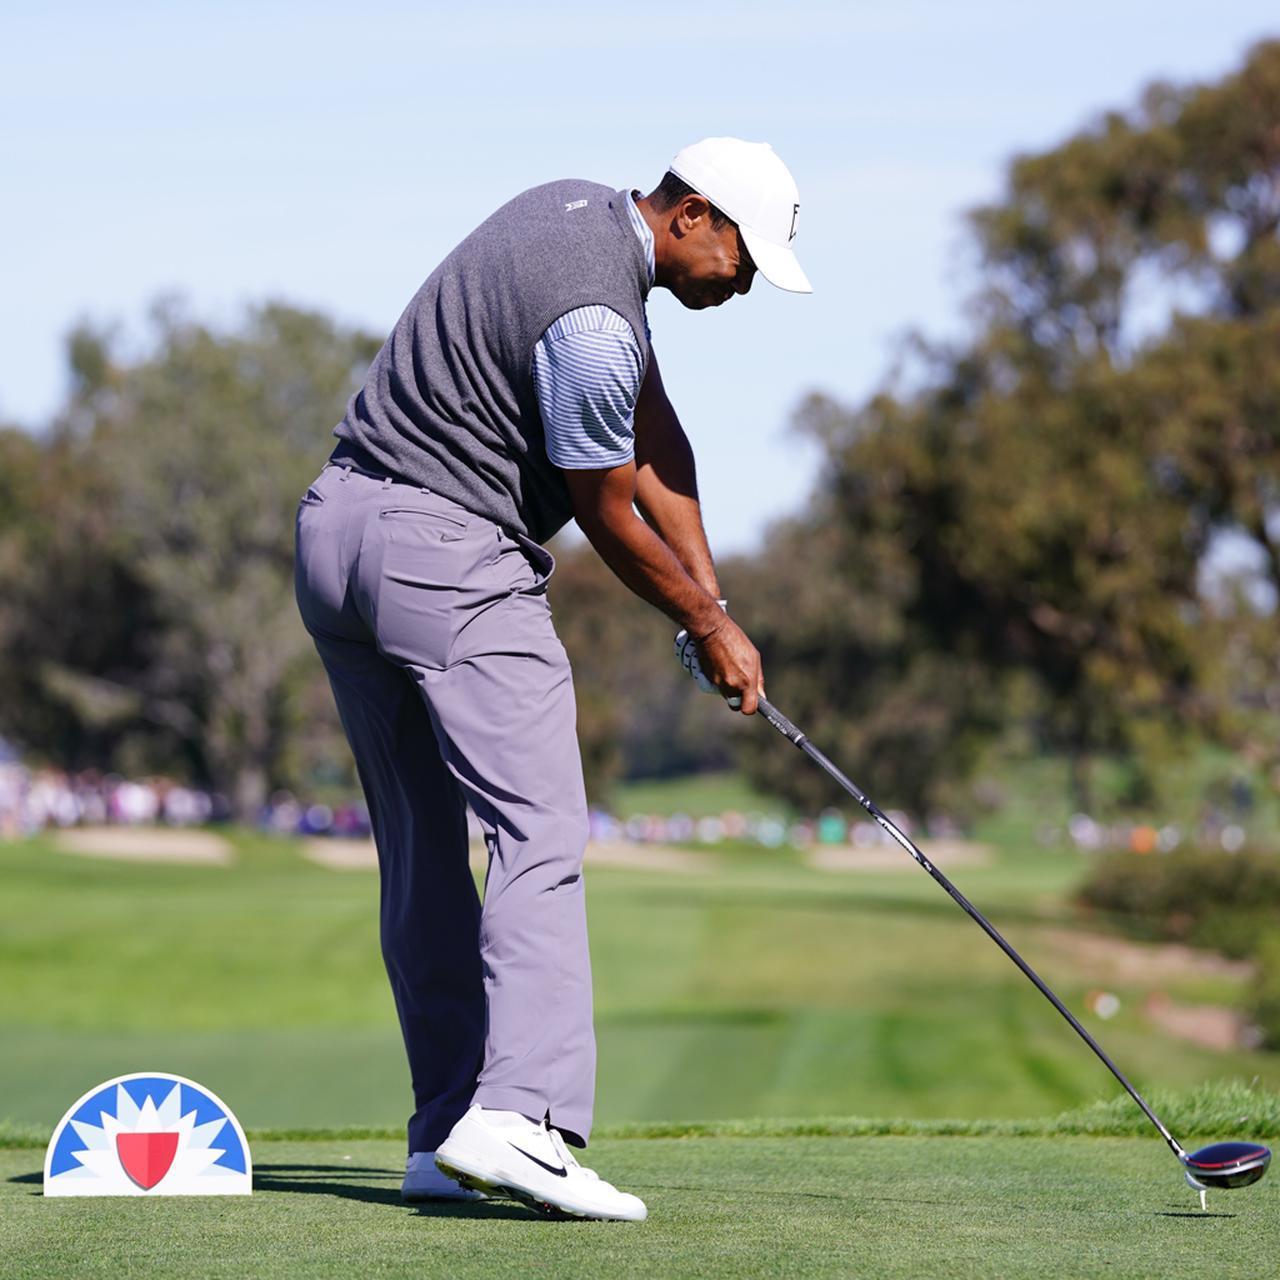 画像: 体の正面でボールを捉え、右かかとの上りが遅くなった